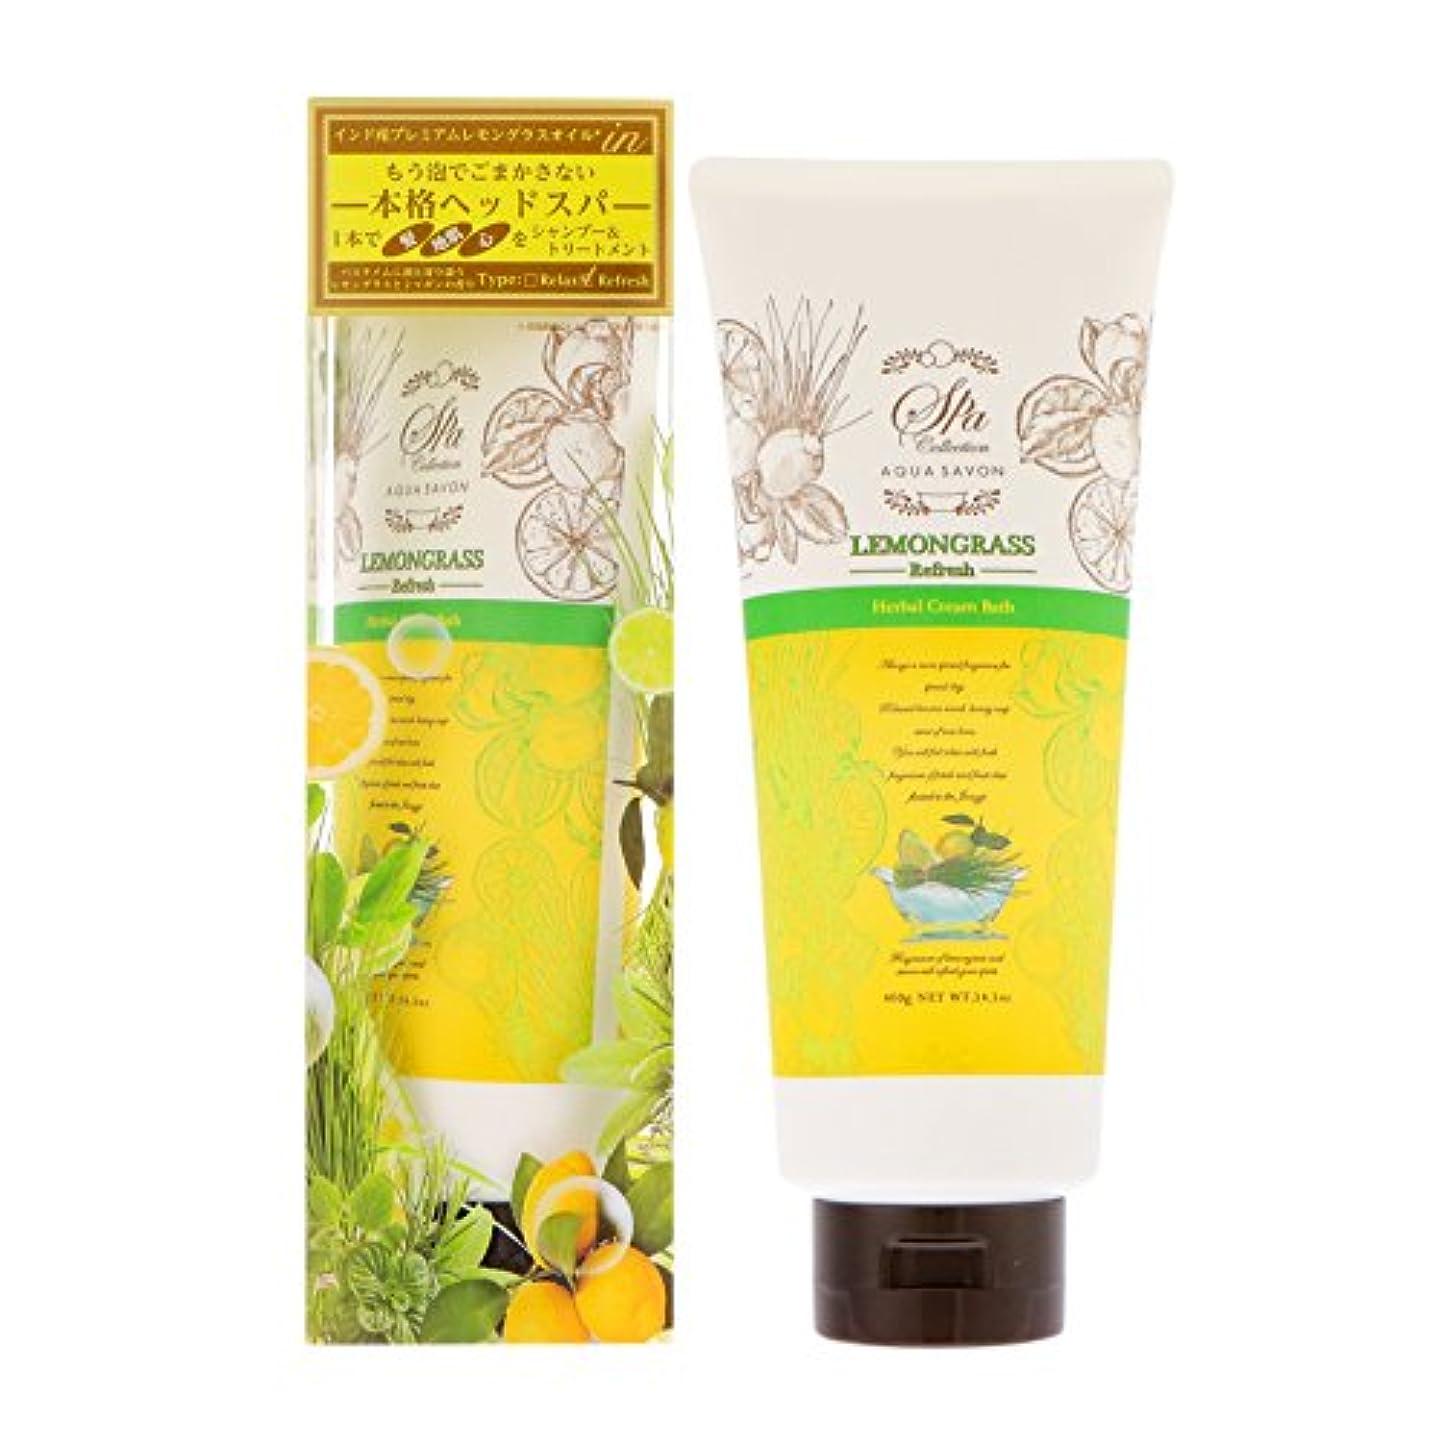 アンドリューハリディ証明書変装アクアシャボン スパコレクション ハーバルクリームバス レモングラススパの香り 400g